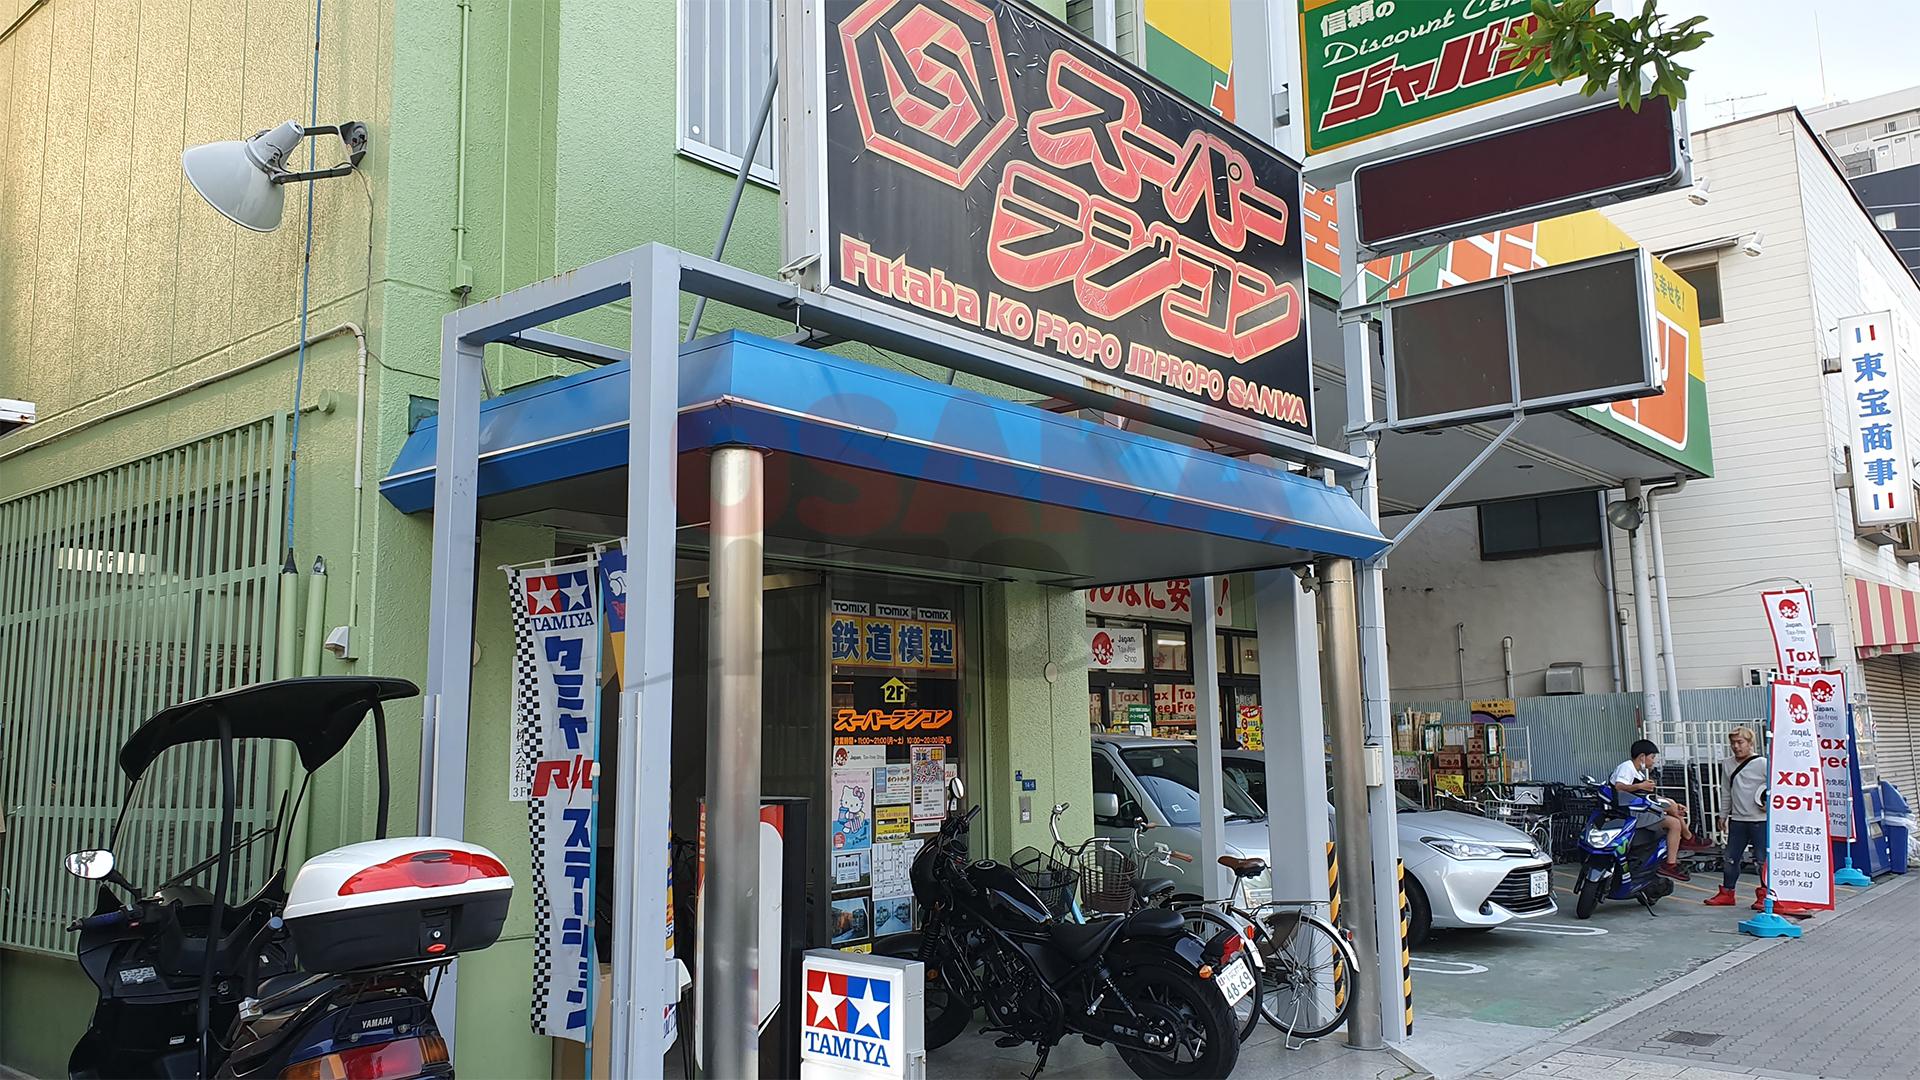 오사카 슈퍼라지콘